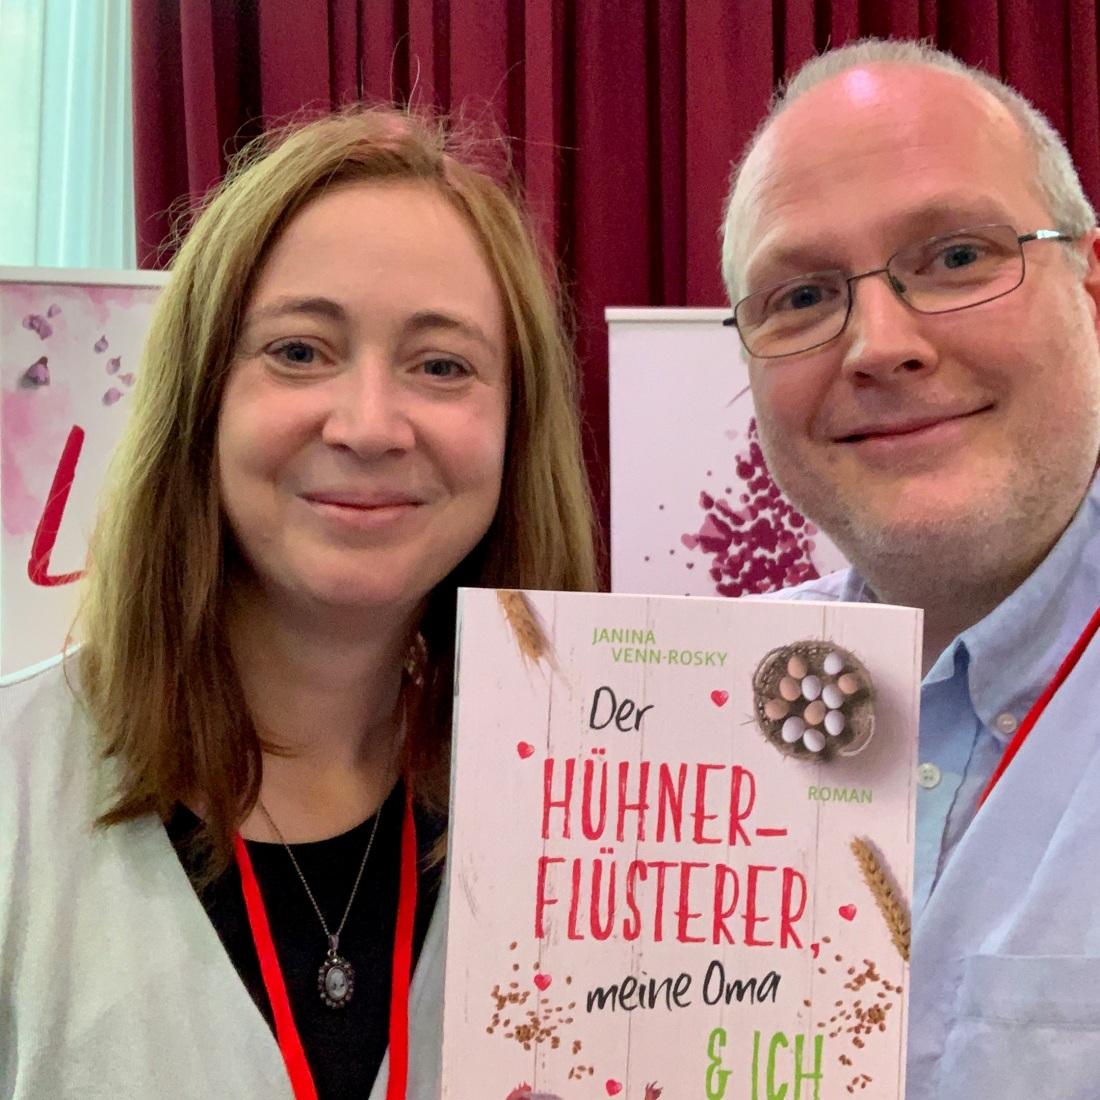 """Janina Venn-Rosky mit ihrem aktuellen Roman """"Der Hühner-Flüsterer, meine Oma und ich"""""""